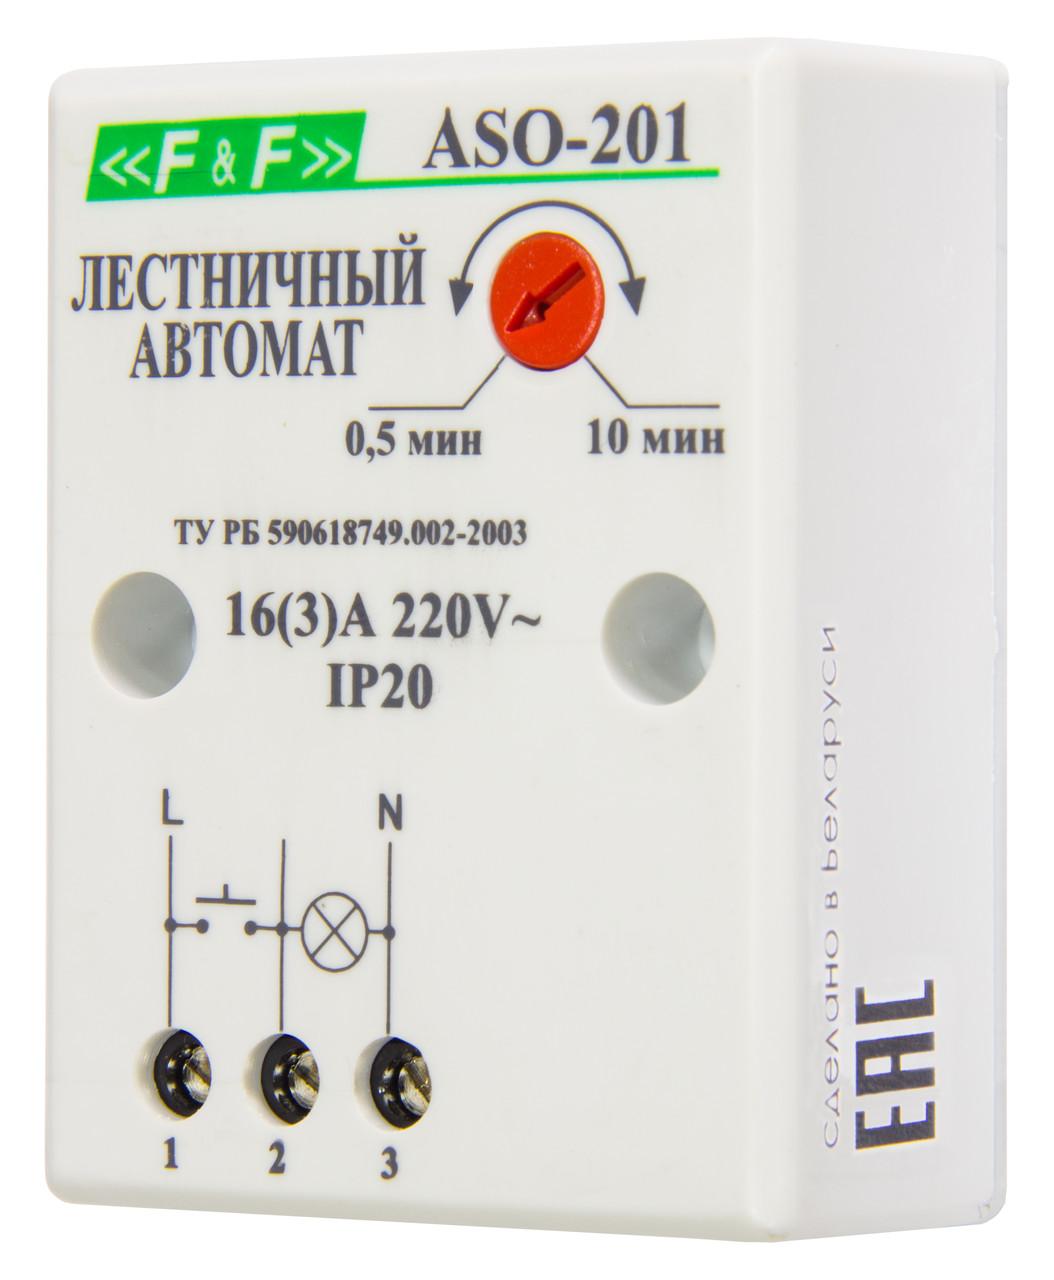 ASO-201 Автомат лестничный (таймеры выключатель), С клеммной колодкой для подключения. Максимальный ток нагрузки 16 А. Монтаж на плоскость.